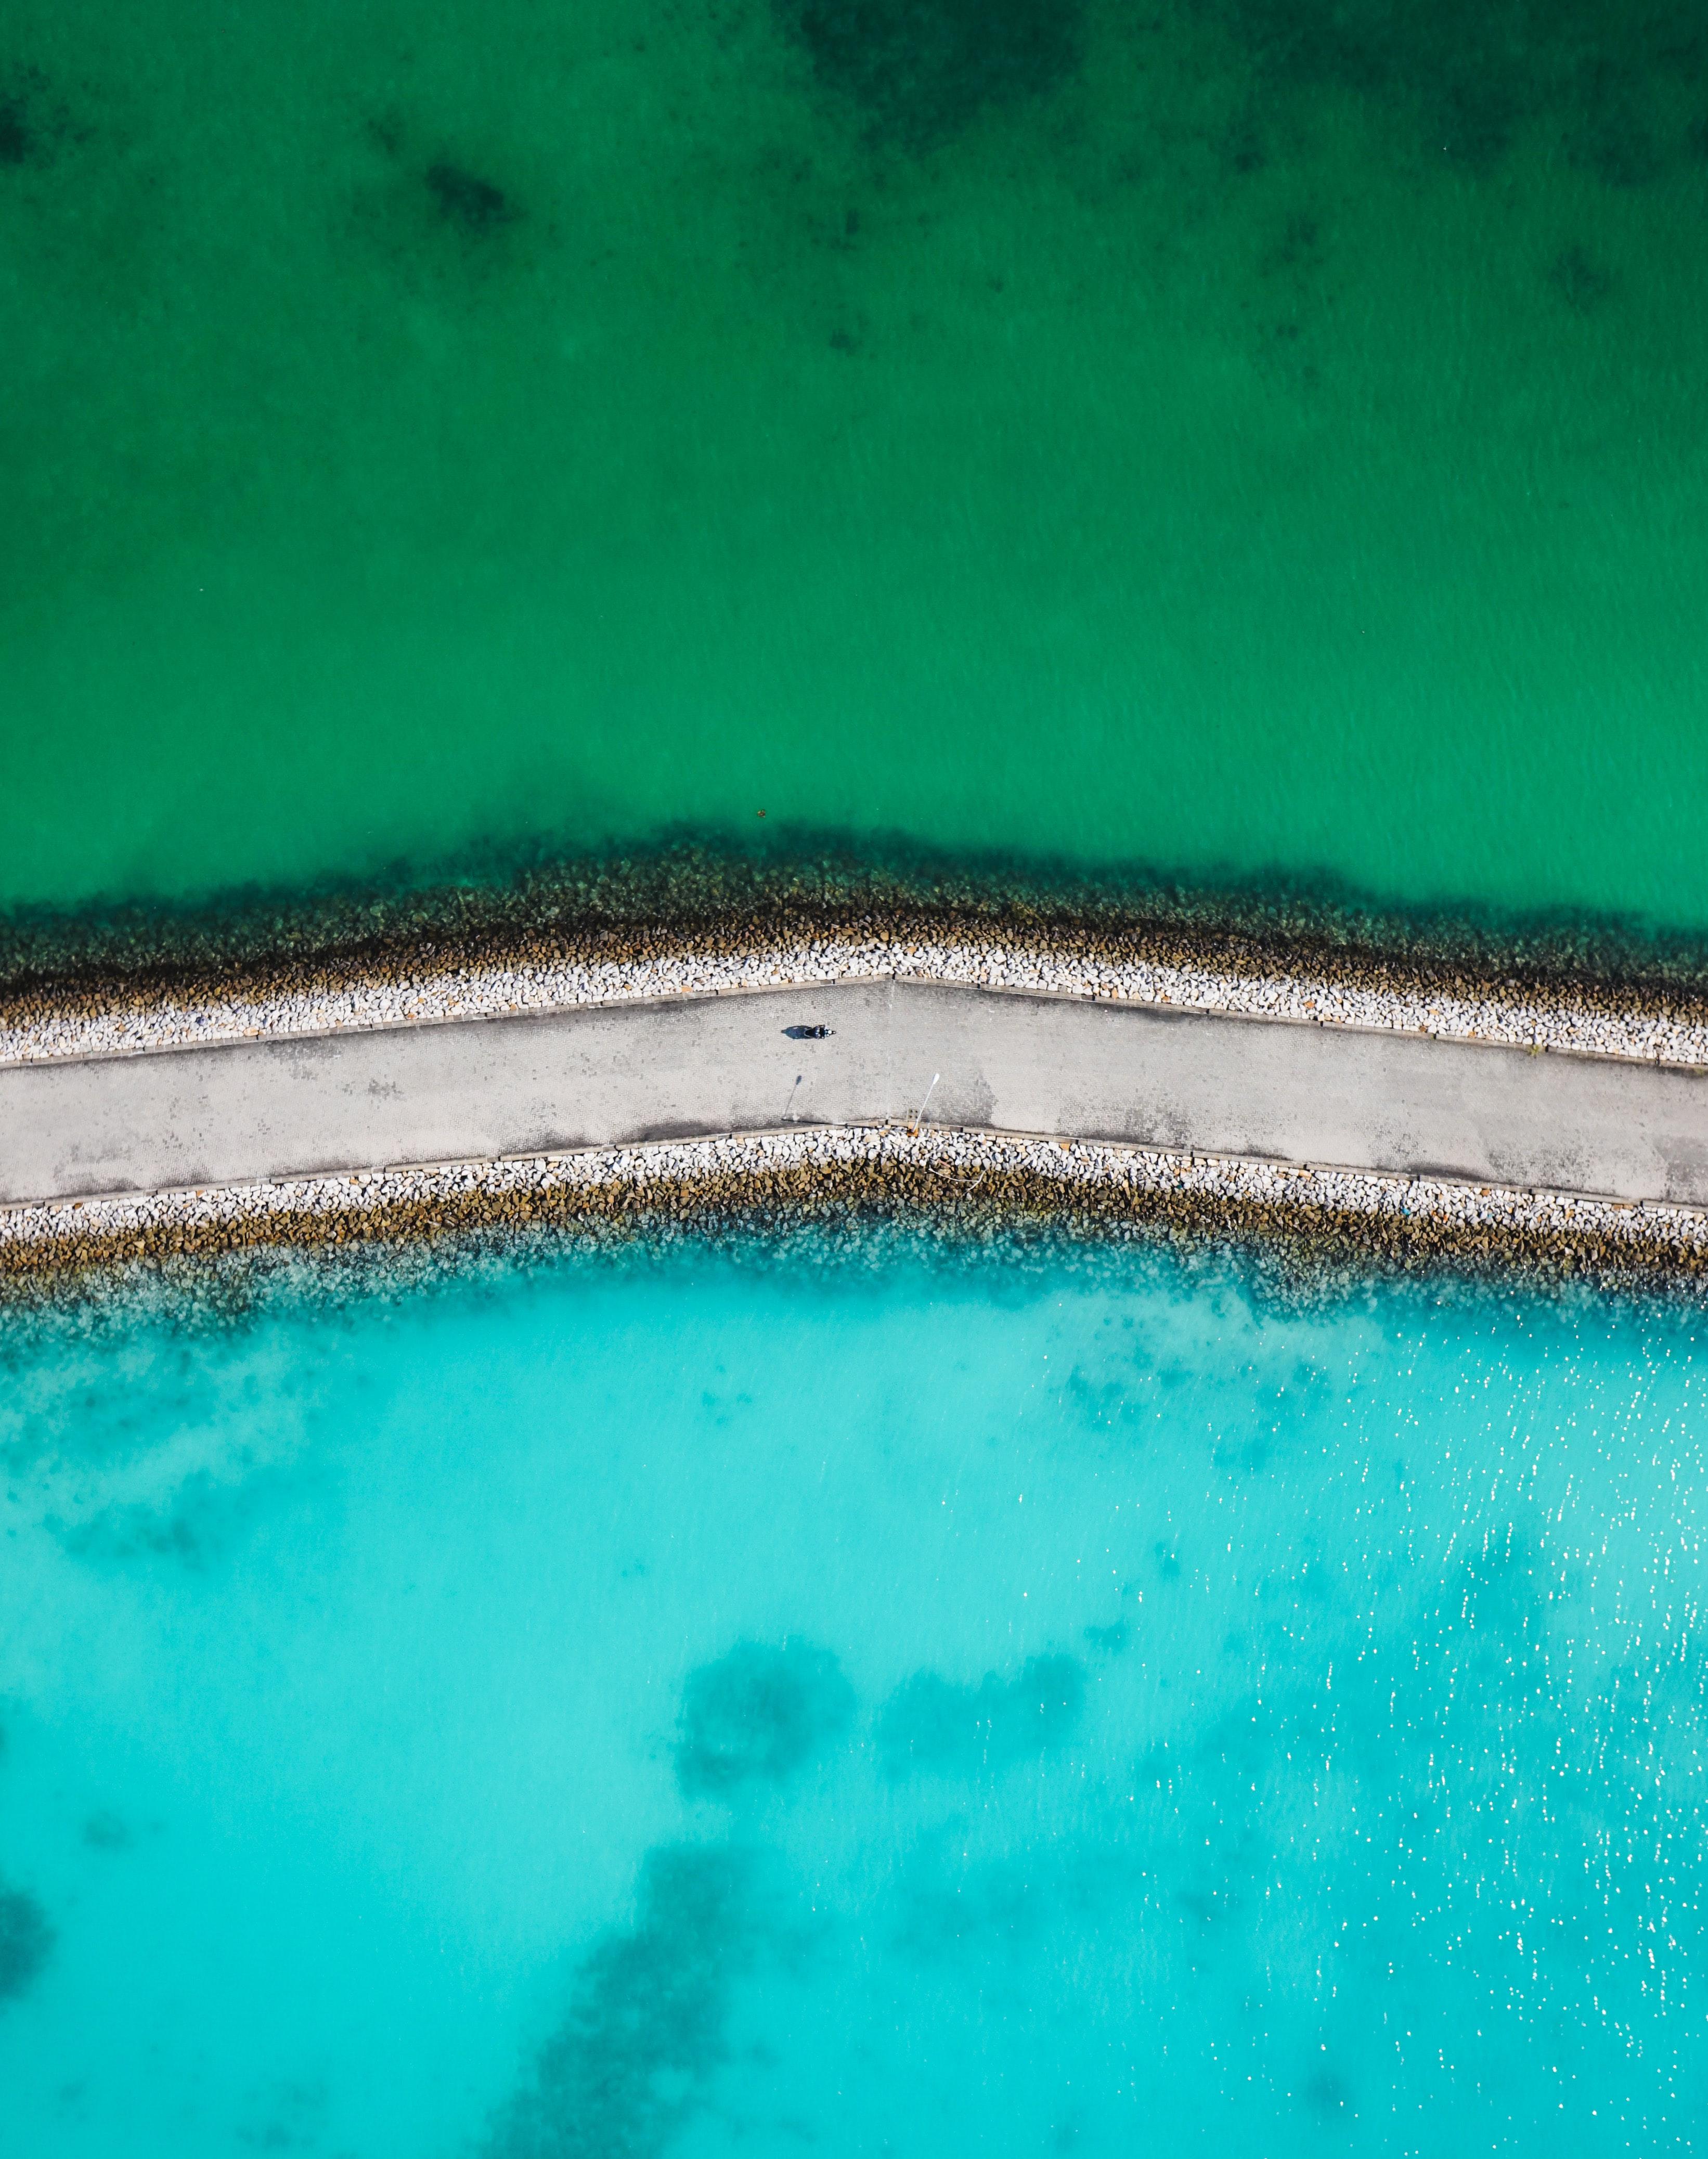 83651 fondo de pantalla 1920x1080 en tu teléfono gratis, descarga imágenes Naturaleza, Camino, Mar, Agua, Vista Desde Arriba 1920x1080 en tu móvil